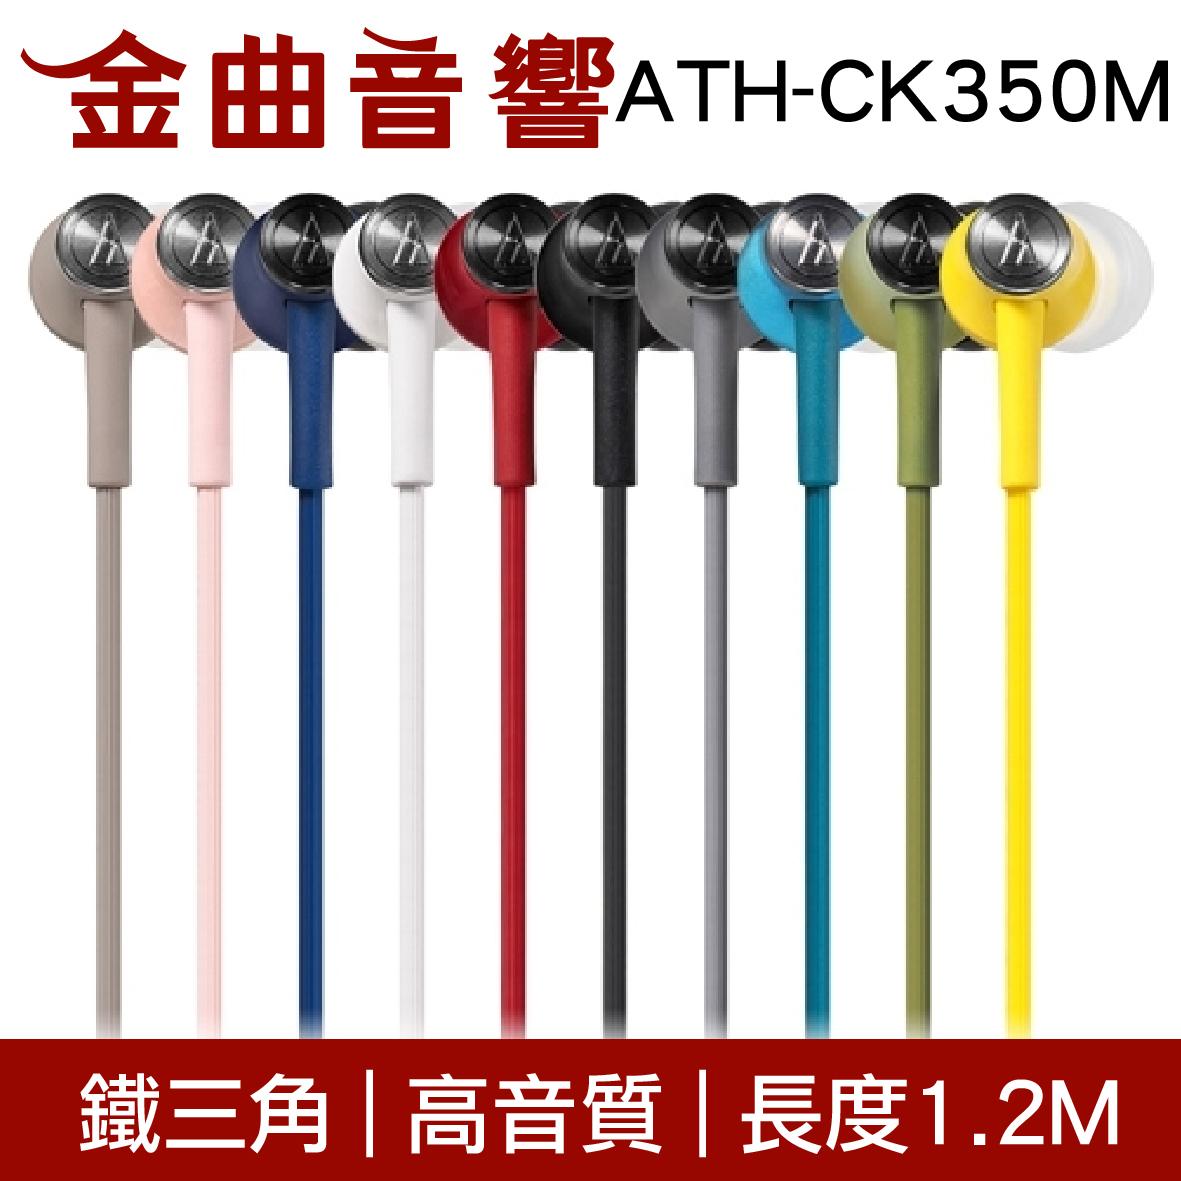 鐵三角 ATH-CK350M 米色 高音質耳道式耳機 | 金曲音響